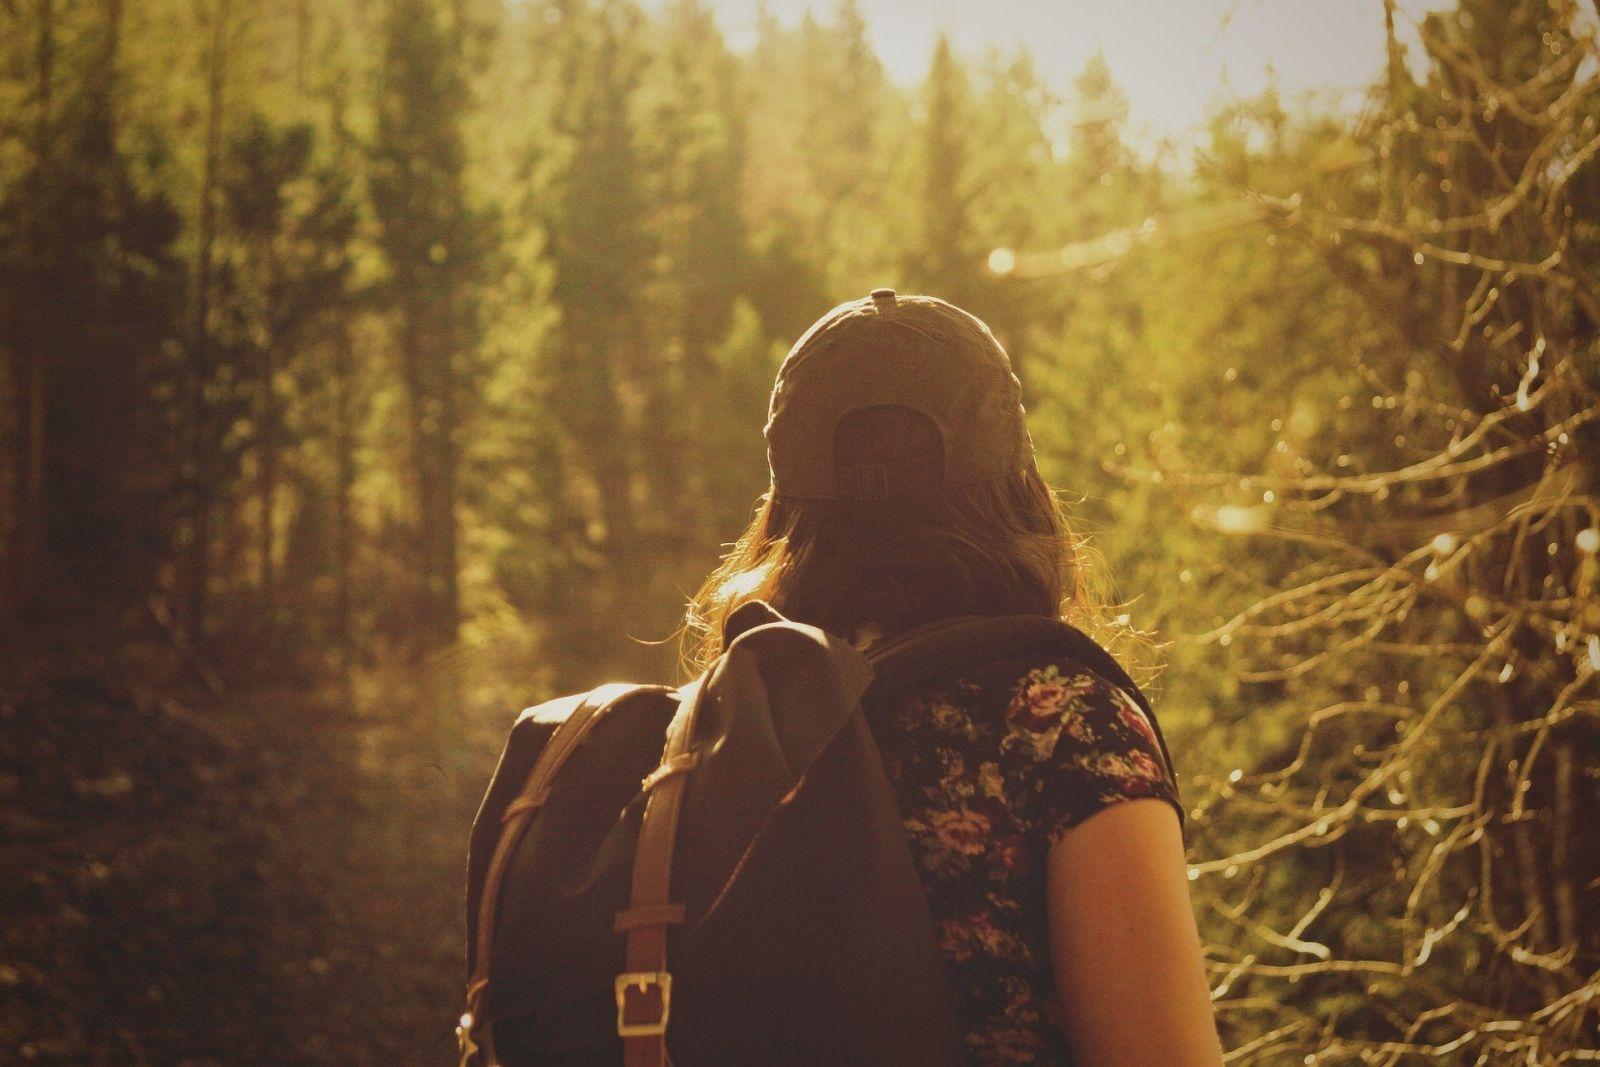 Eine Frau mit dunklen Haaren und einem Rucksack sieht man von hinten, wie sie richtung Sonne, eingehölt in goldenes Licht, in Richtung Wald blickt